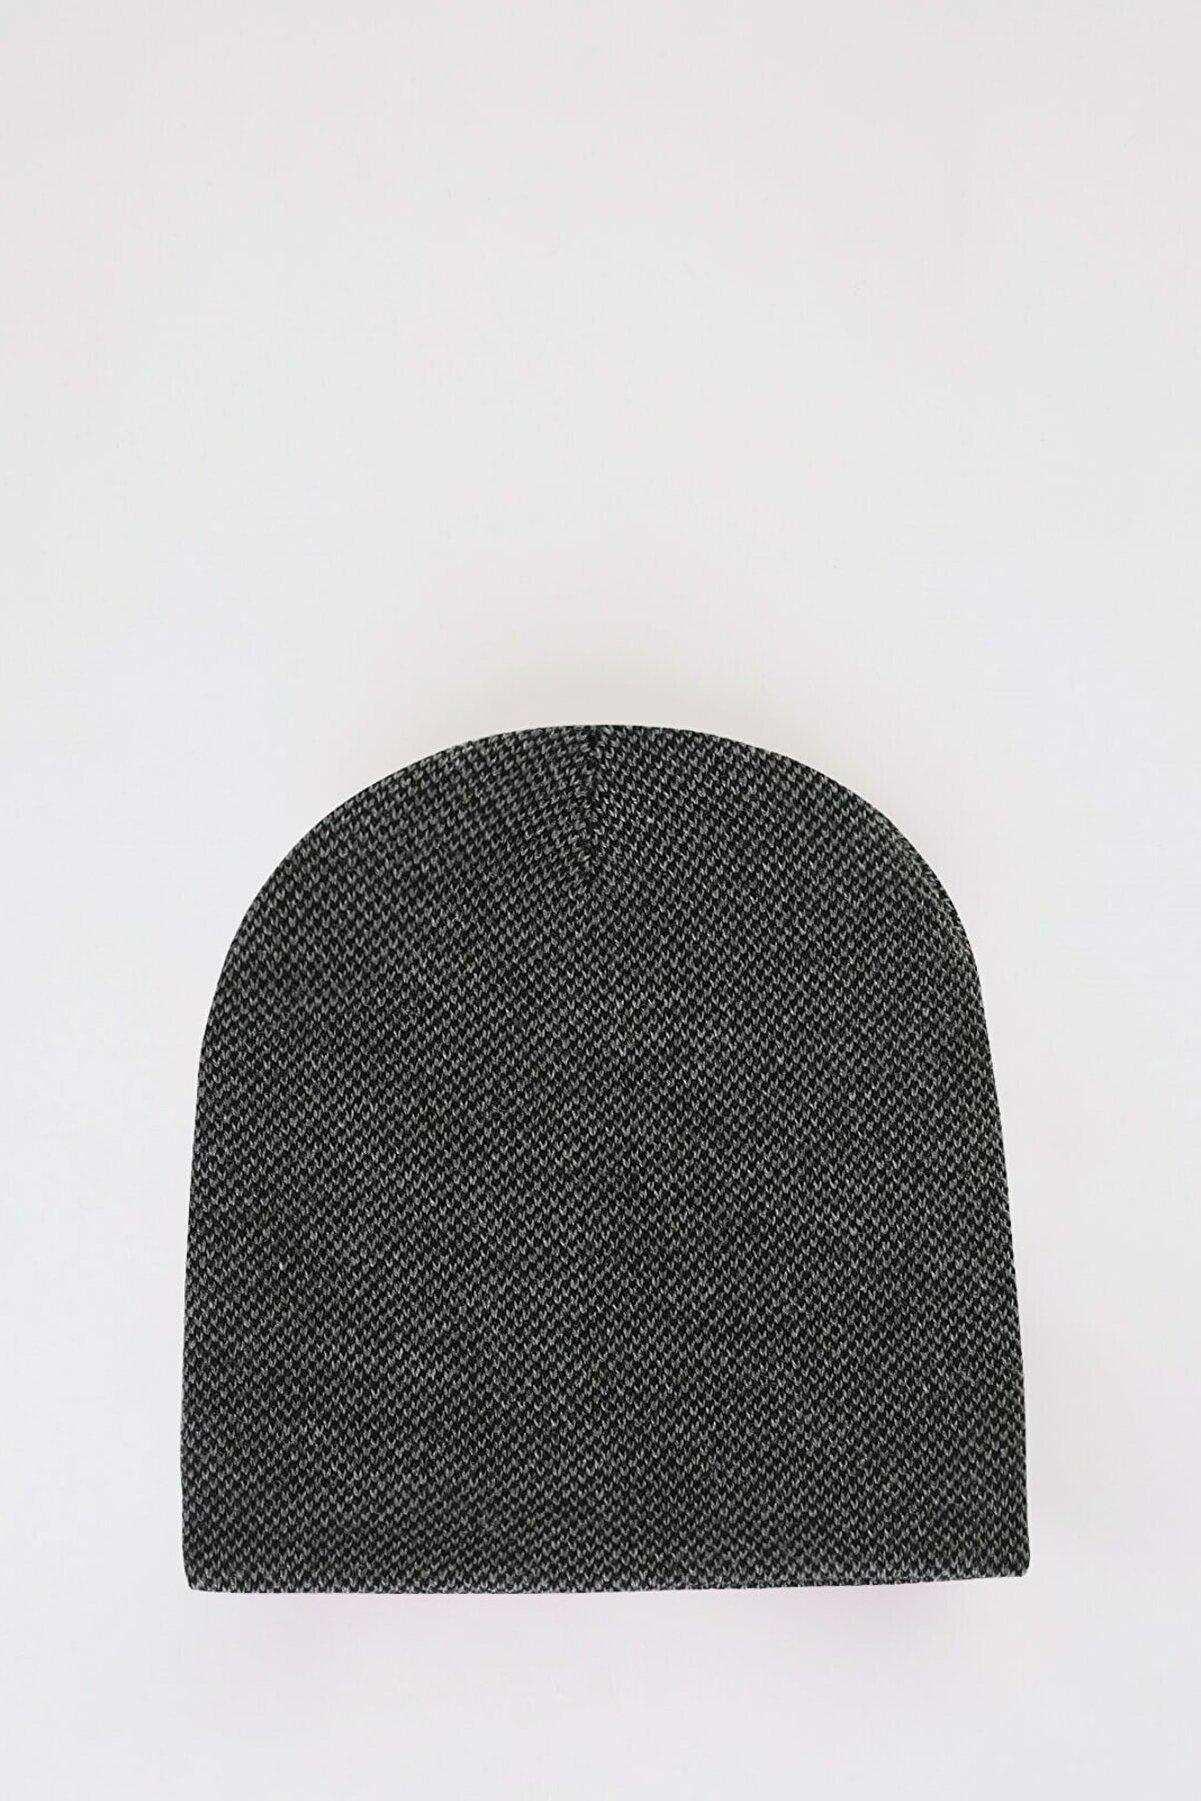 Colin's ERKEK Modern Fit Erkek Siyah Bere CL1045704